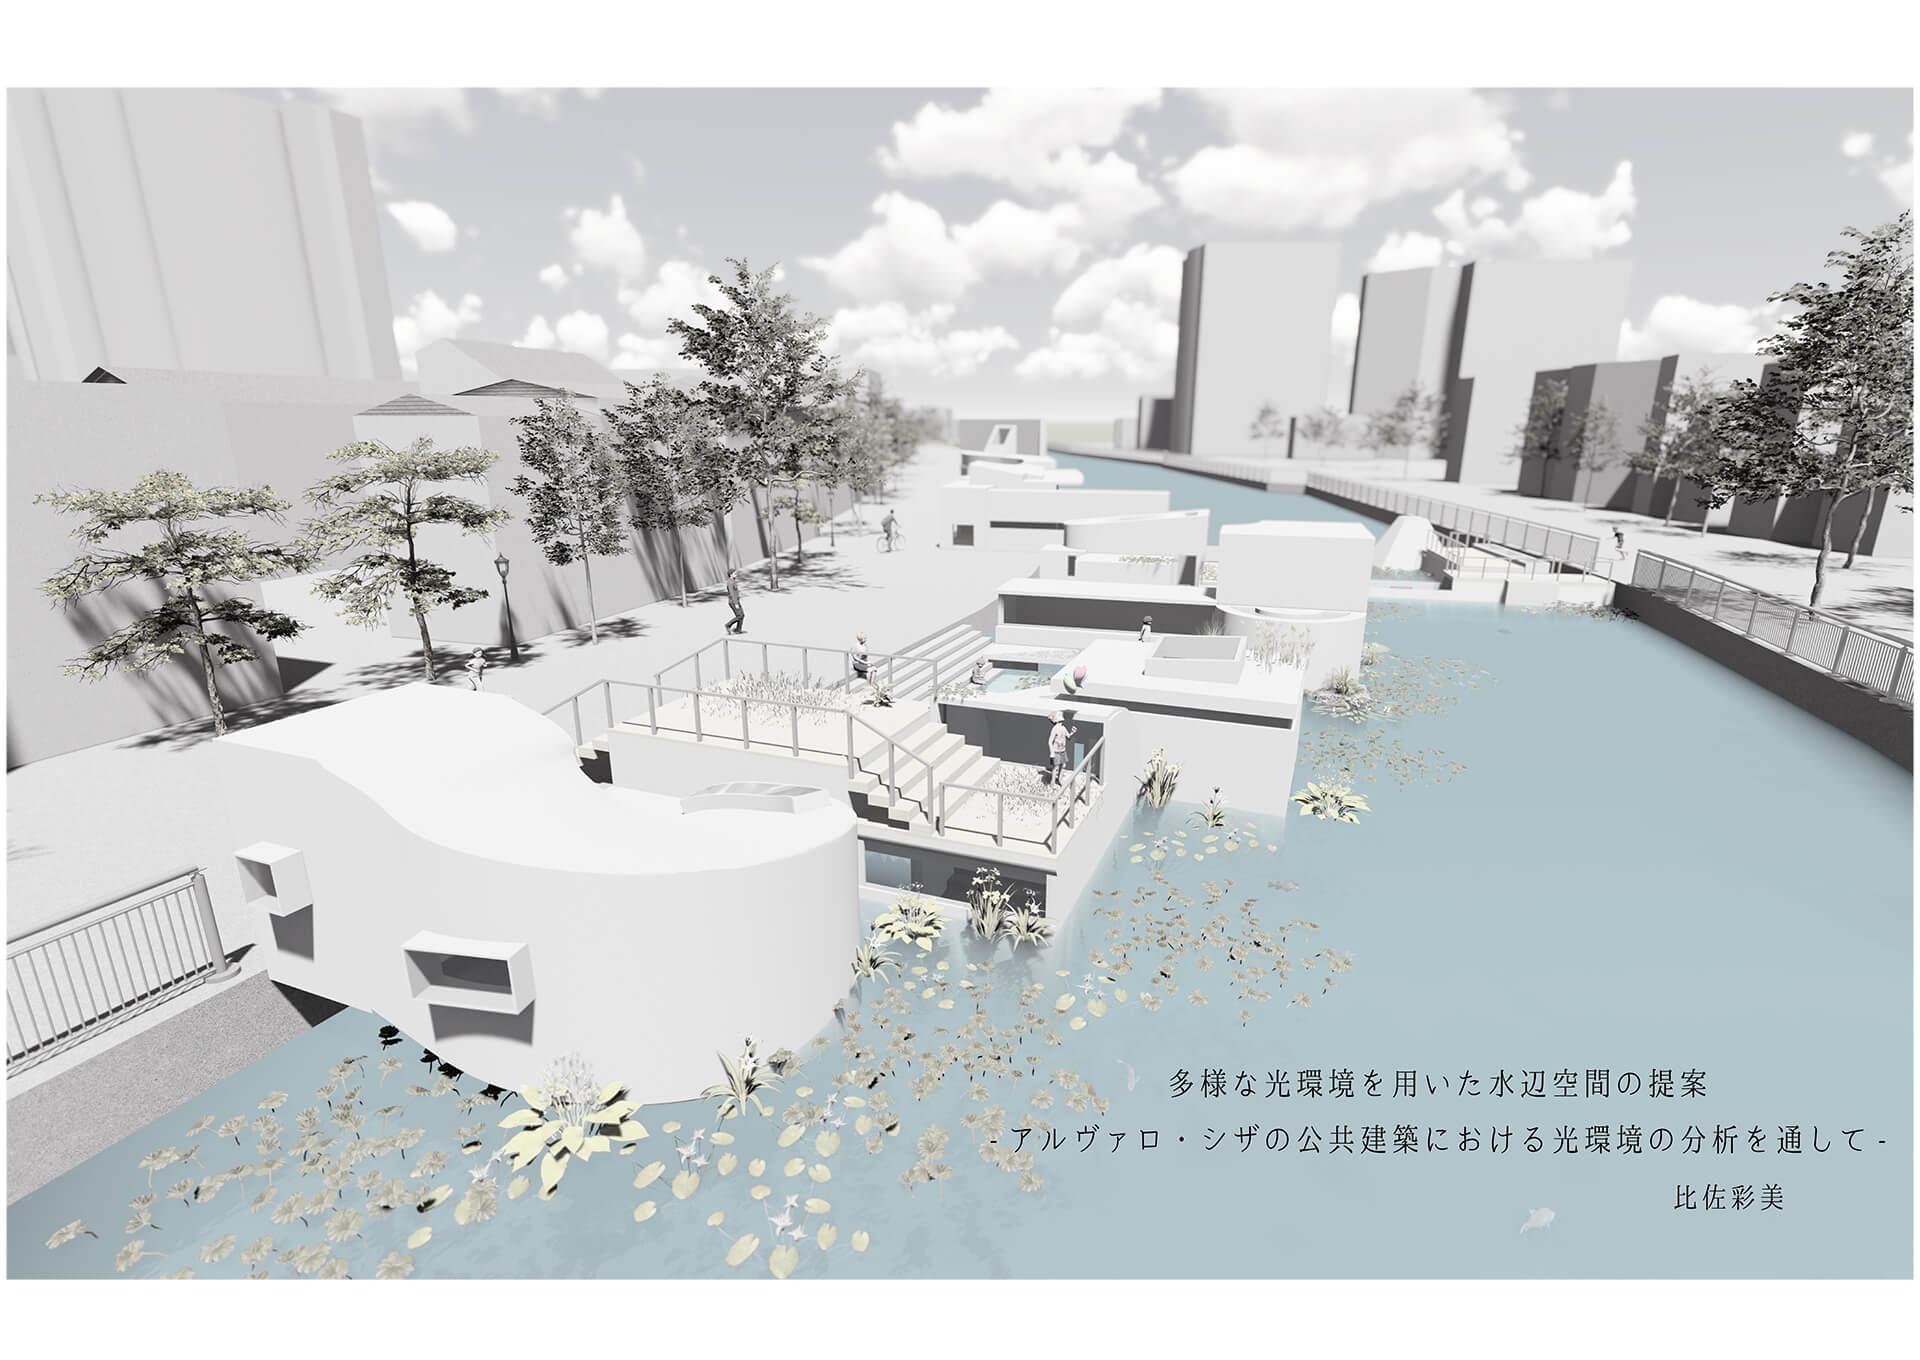 多様な光環境を用いた水辺空間の提案 -アルヴァロ・シザの公共建築における光環境の分析を通して--1